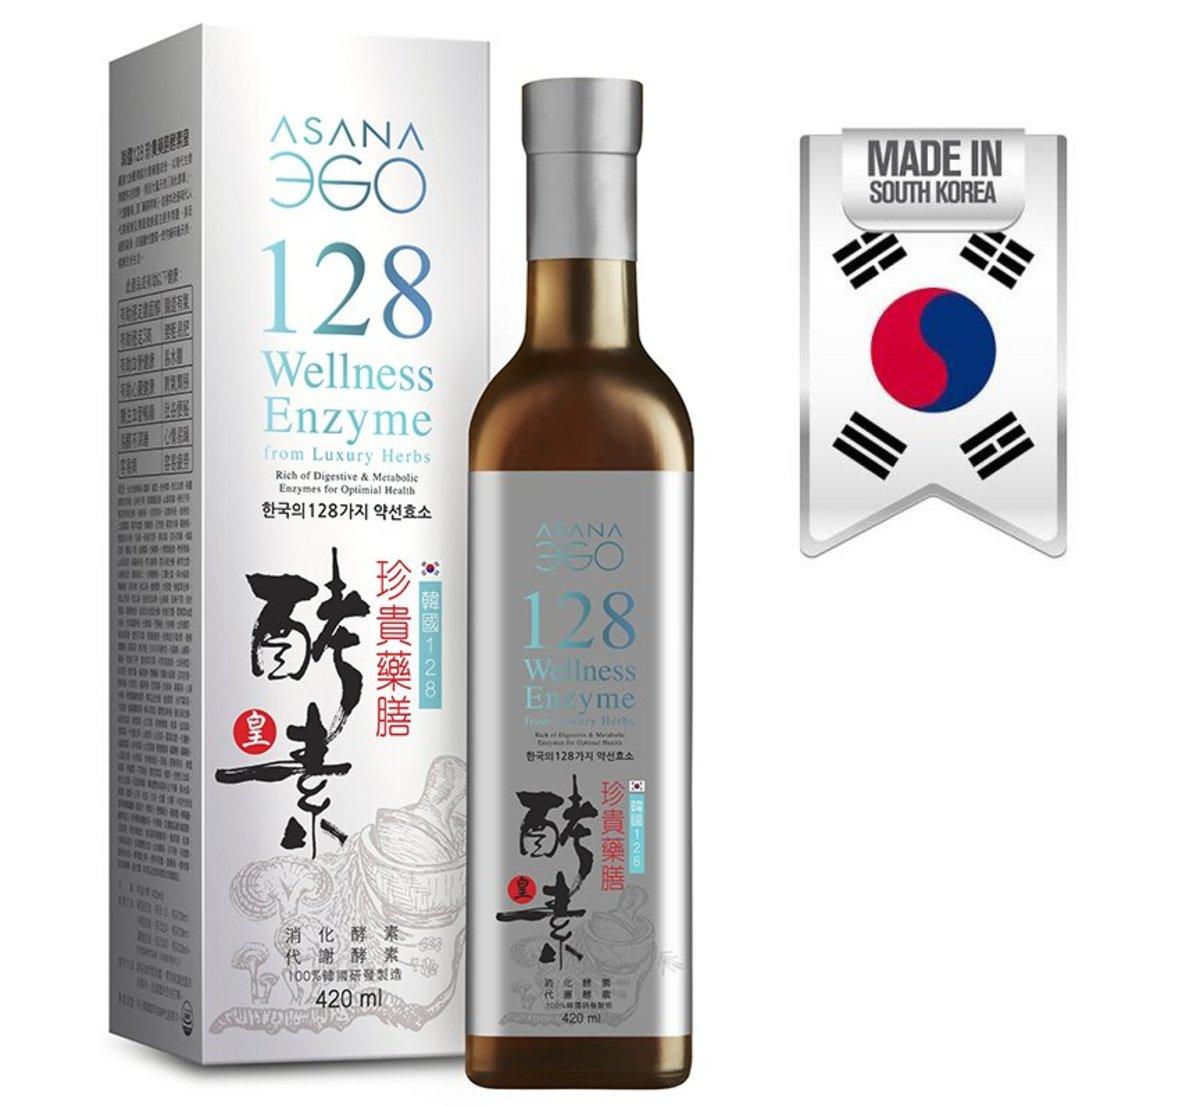 [韓國128酵素皇]-韓國128珍貴藥膳酵素皇 420毫升